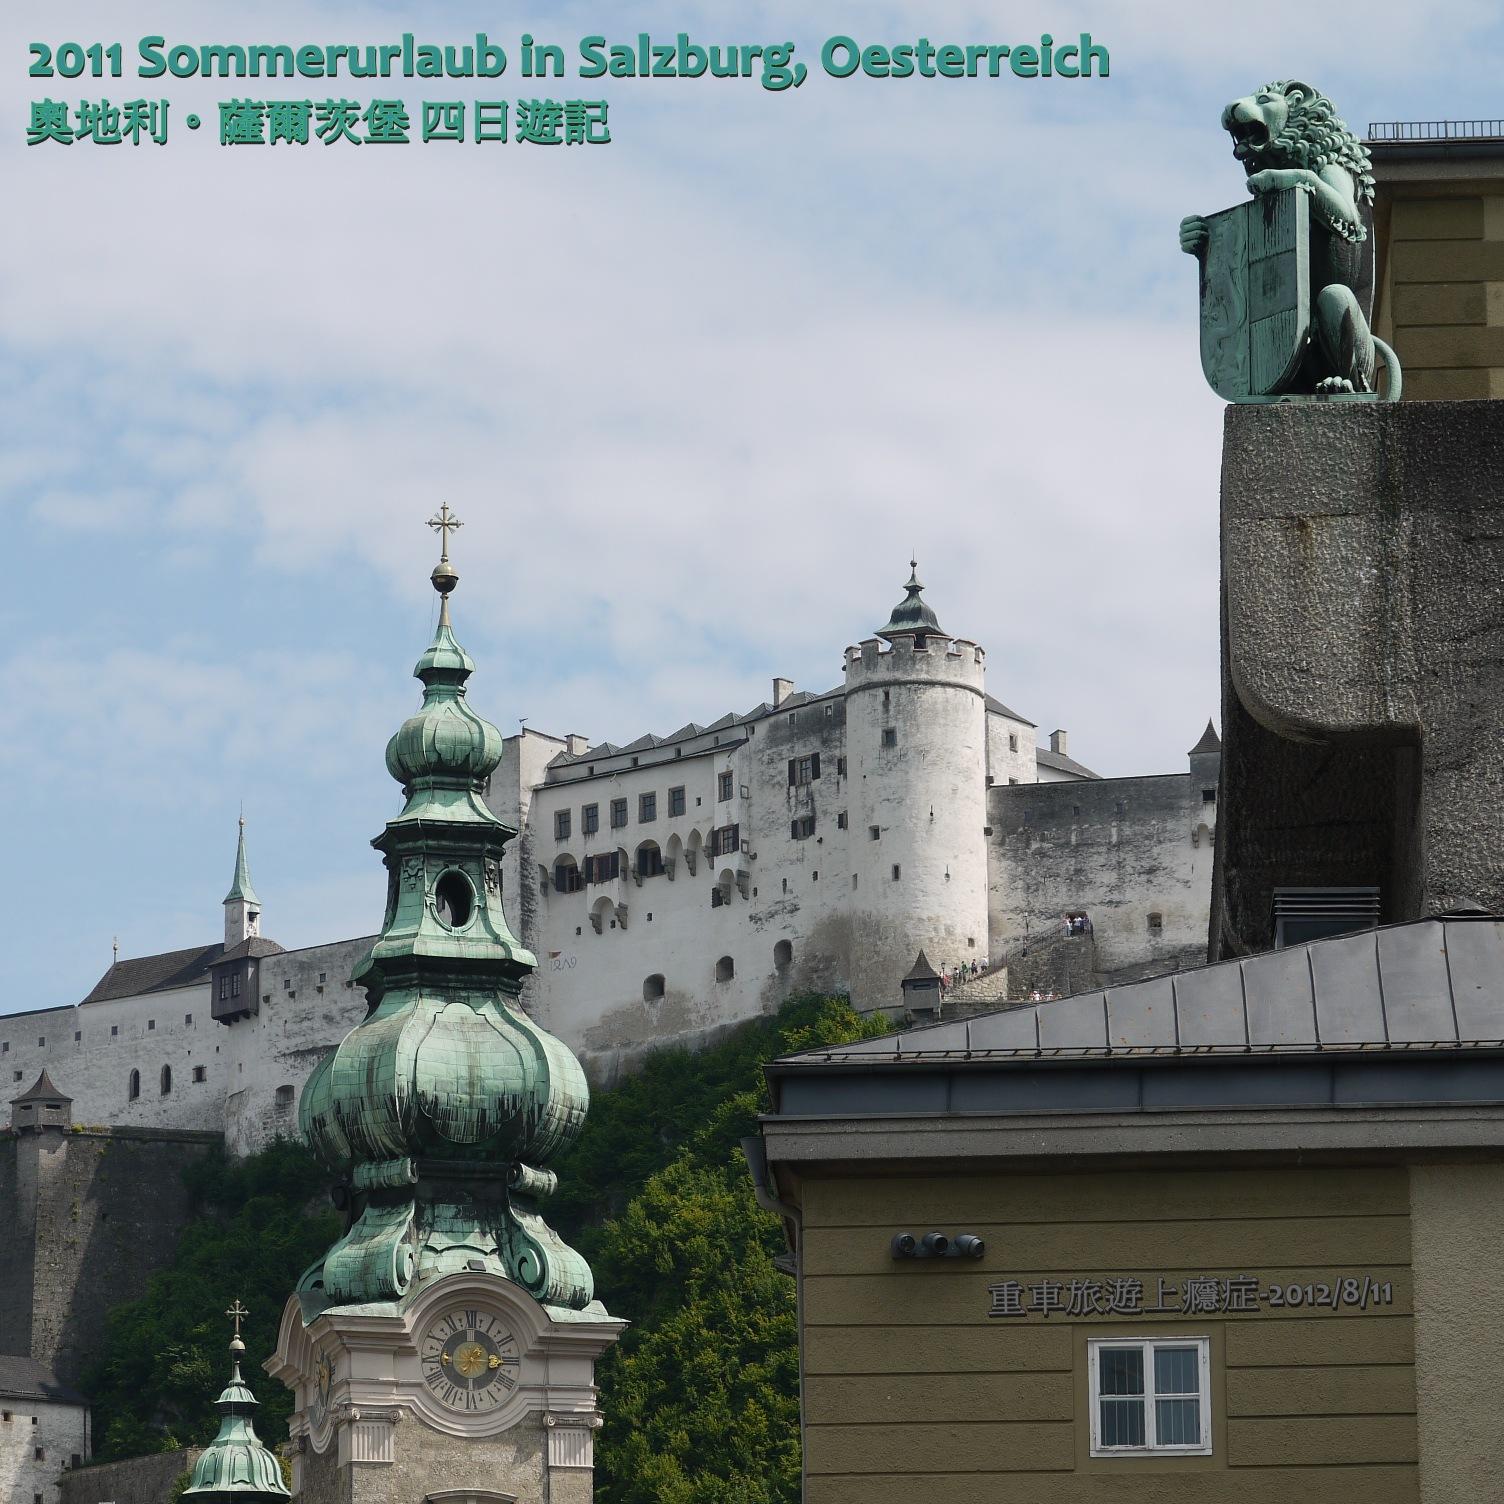 科摩多.旅世界 (重車旅遊上癮癥): (奧)薩爾茨堡&(德)海德堡--歐鐵PASS(2011/7/7~10)